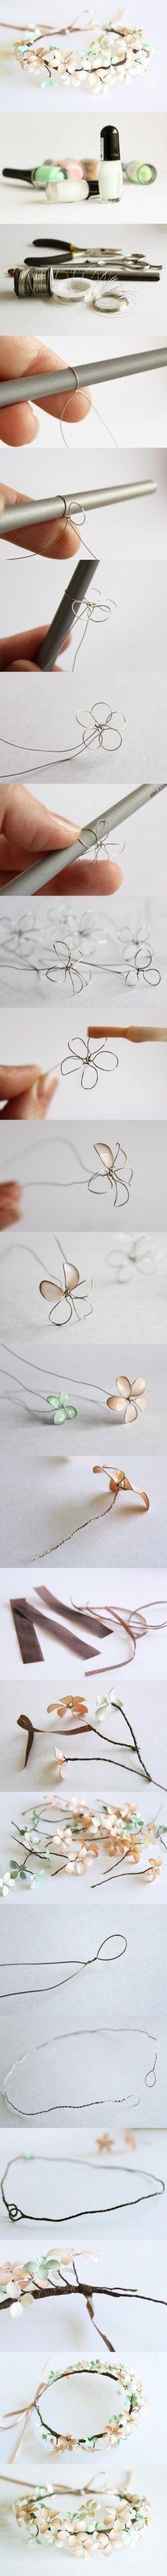 Blütenschmuck selbstgemacht ... aus dünnem Draht und Nagellackresten